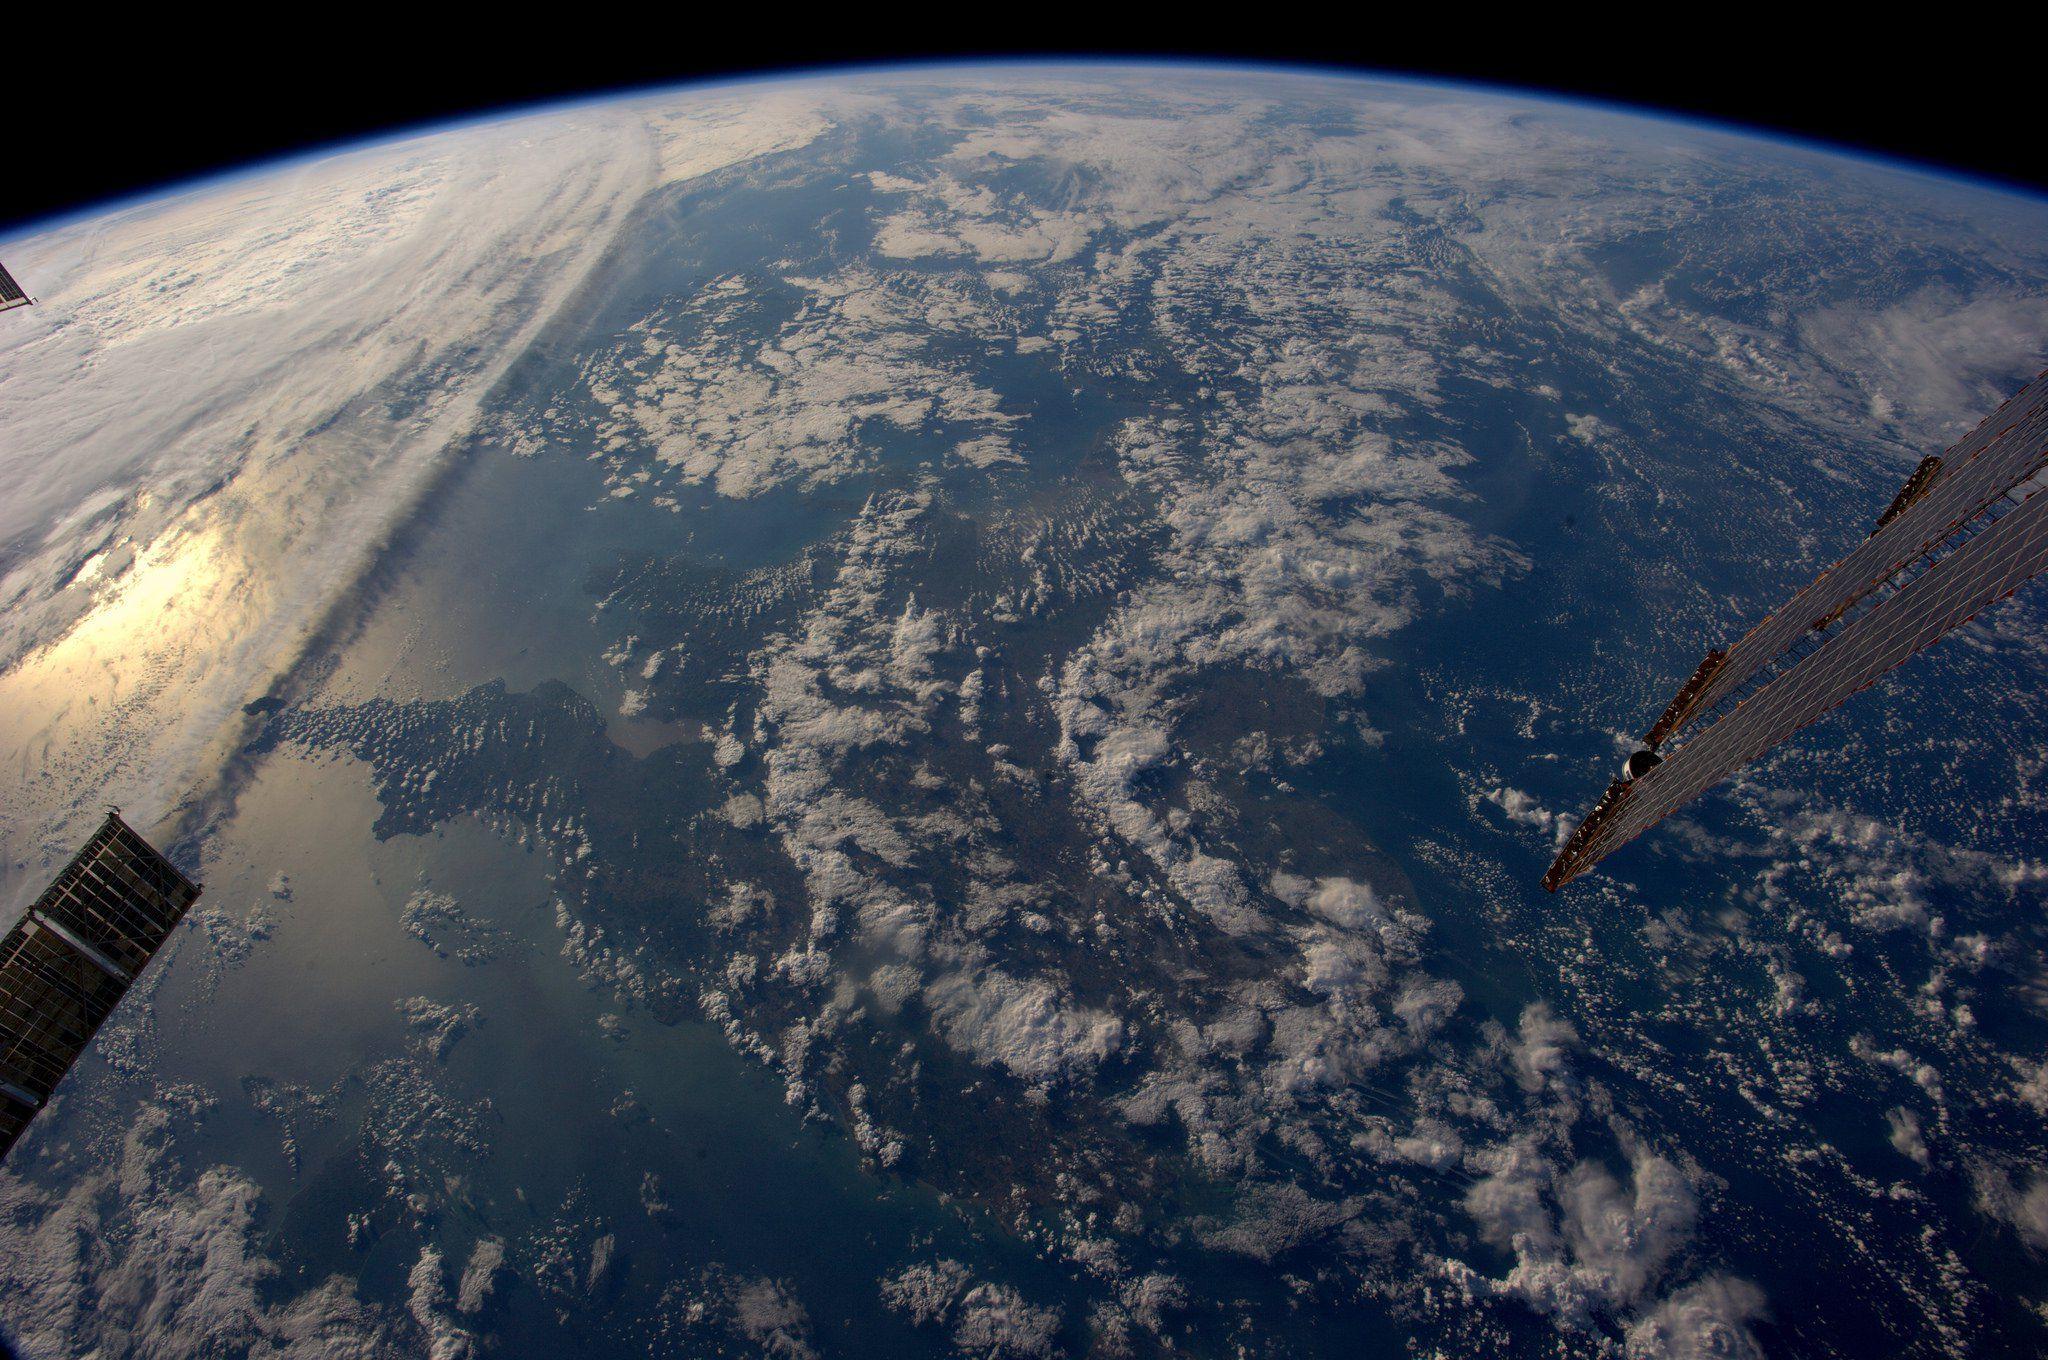 интересные фото земли со спутника пожалуй, одно самых